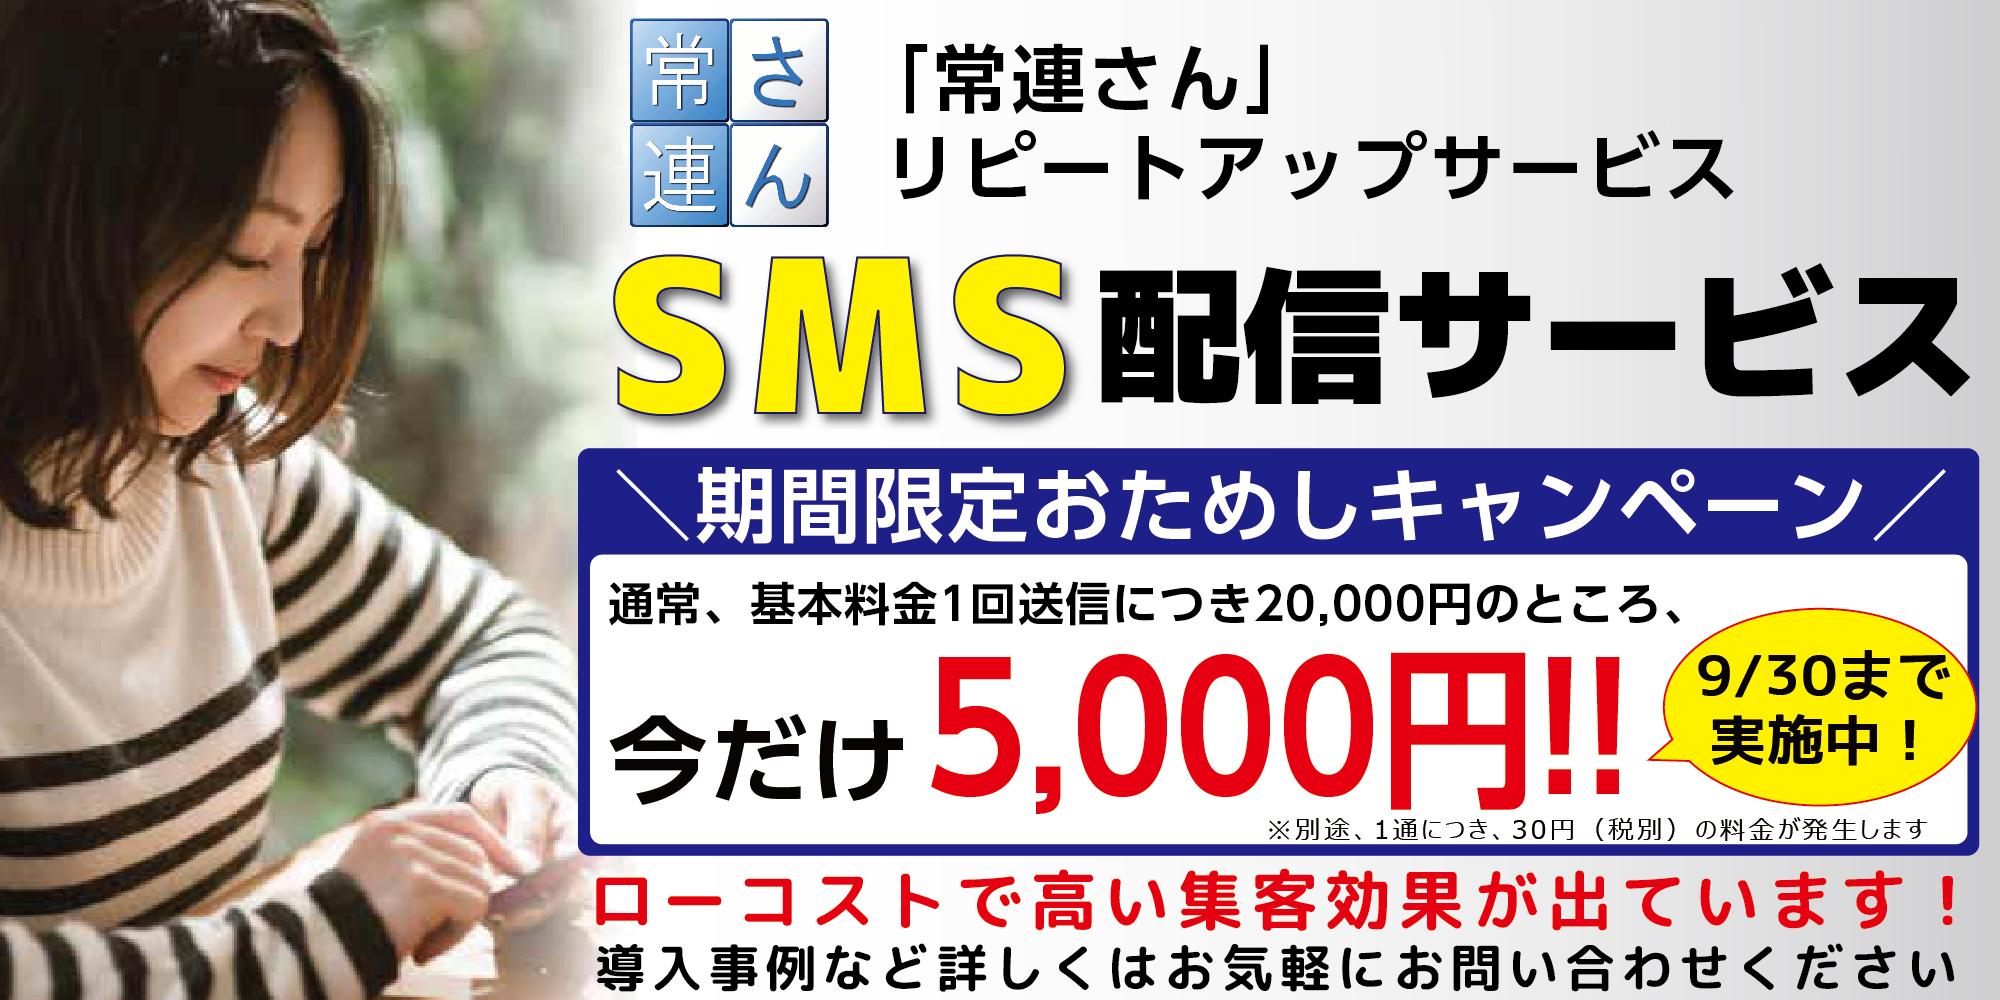 campaign_mini